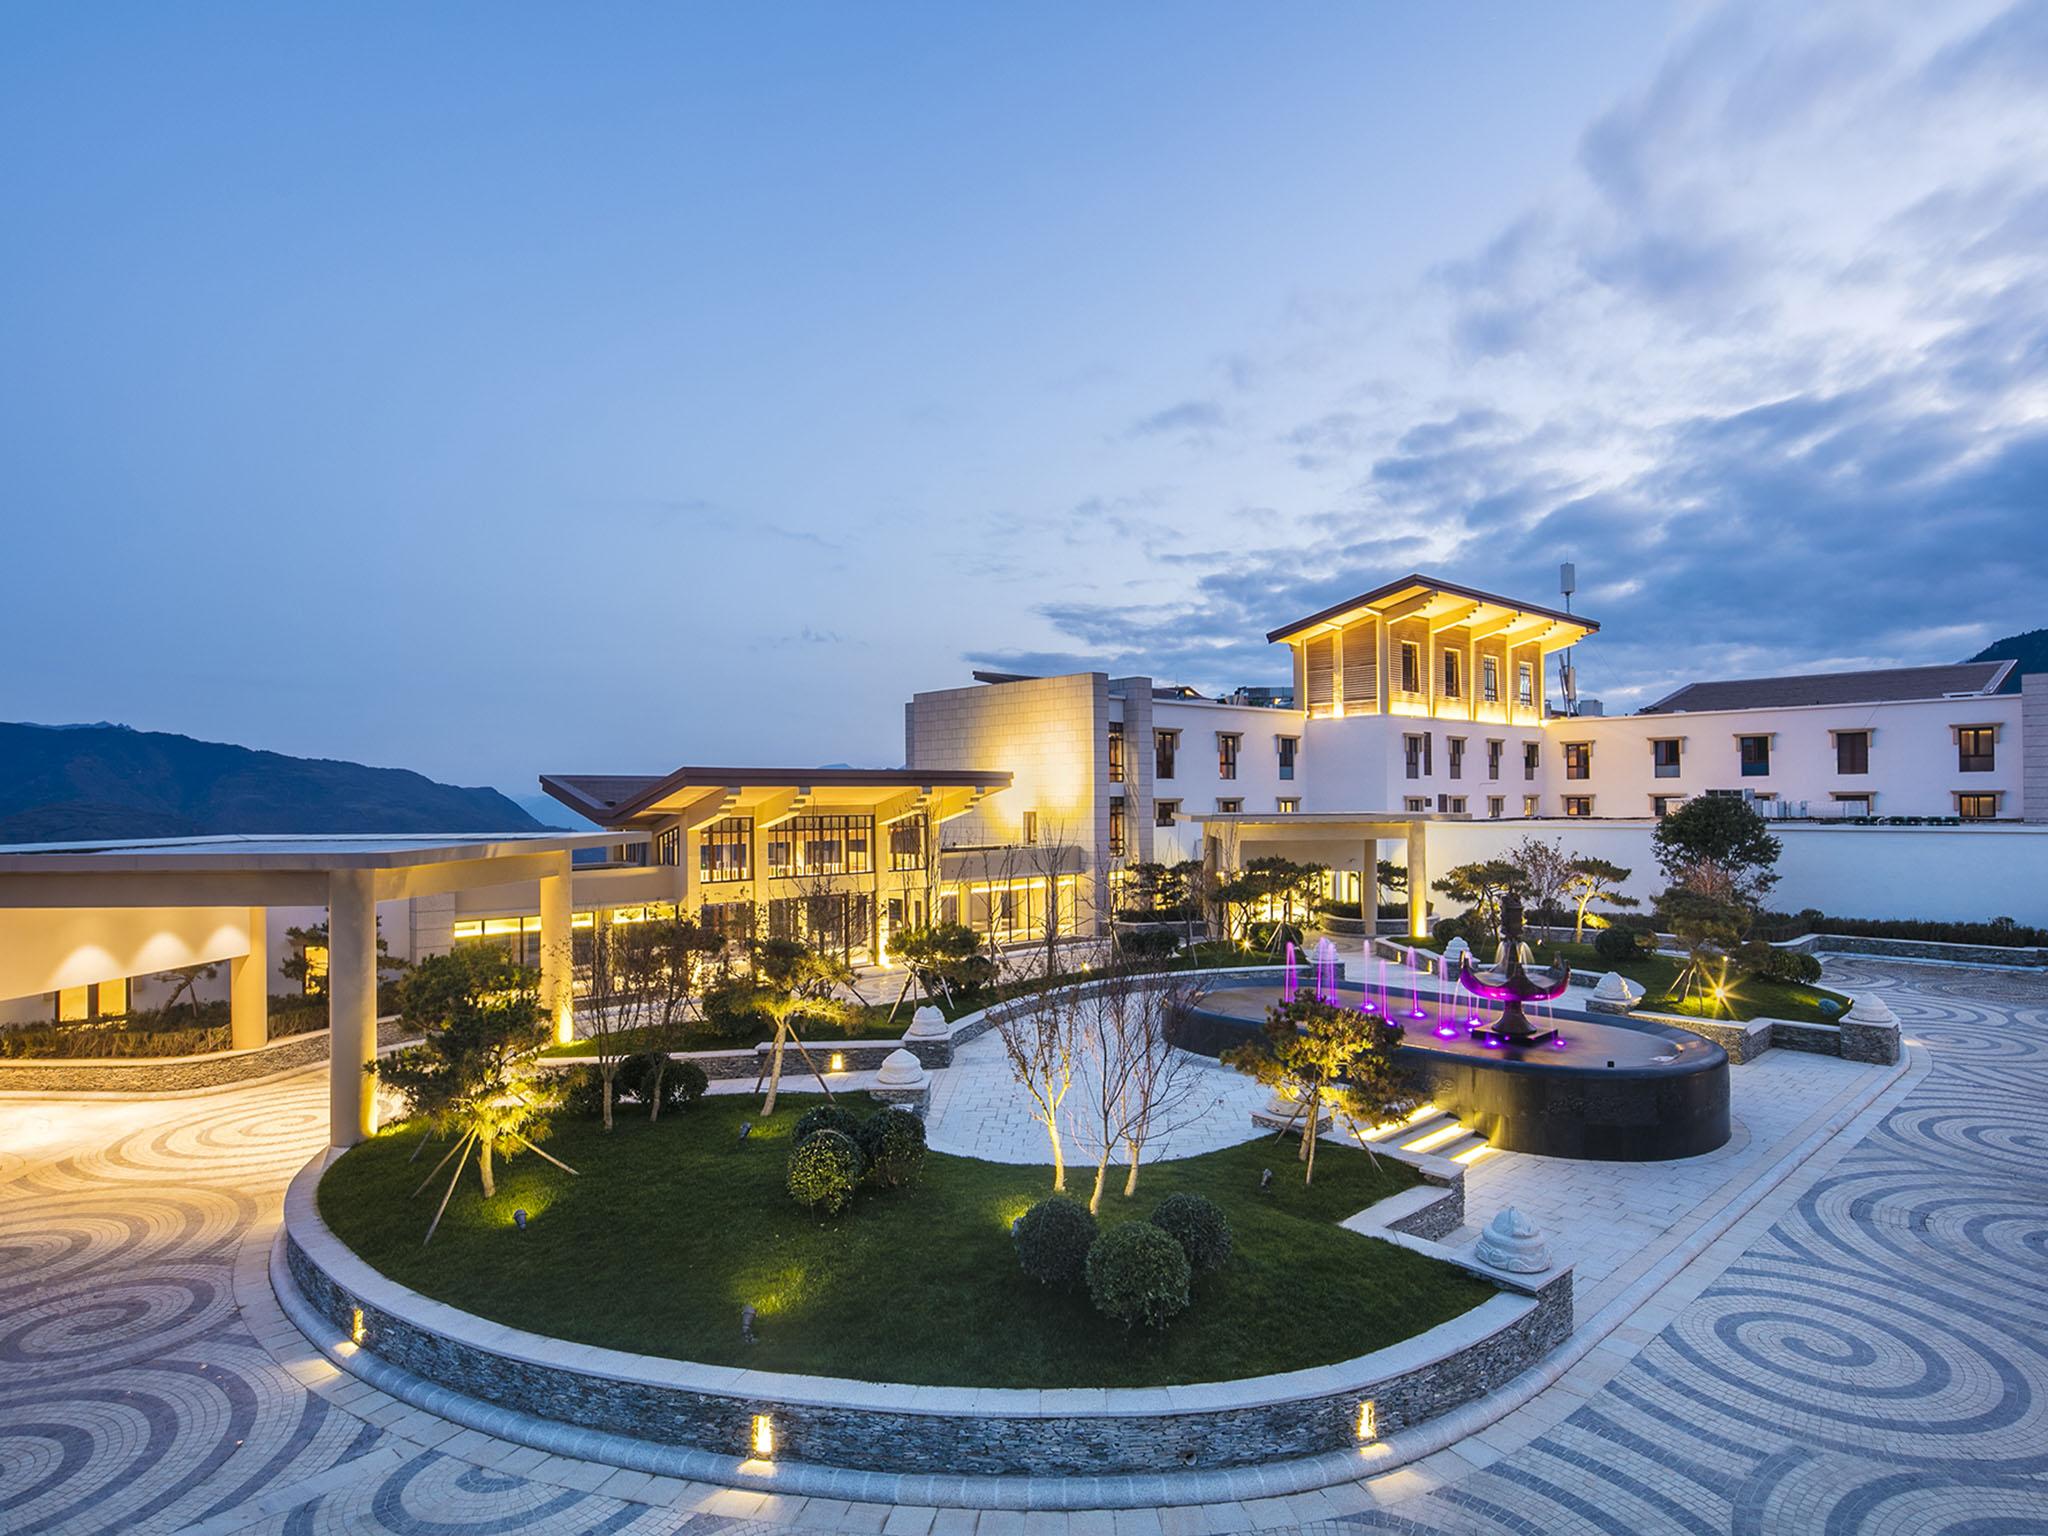 Hotel - Banyan Tree Jiuzhaigou